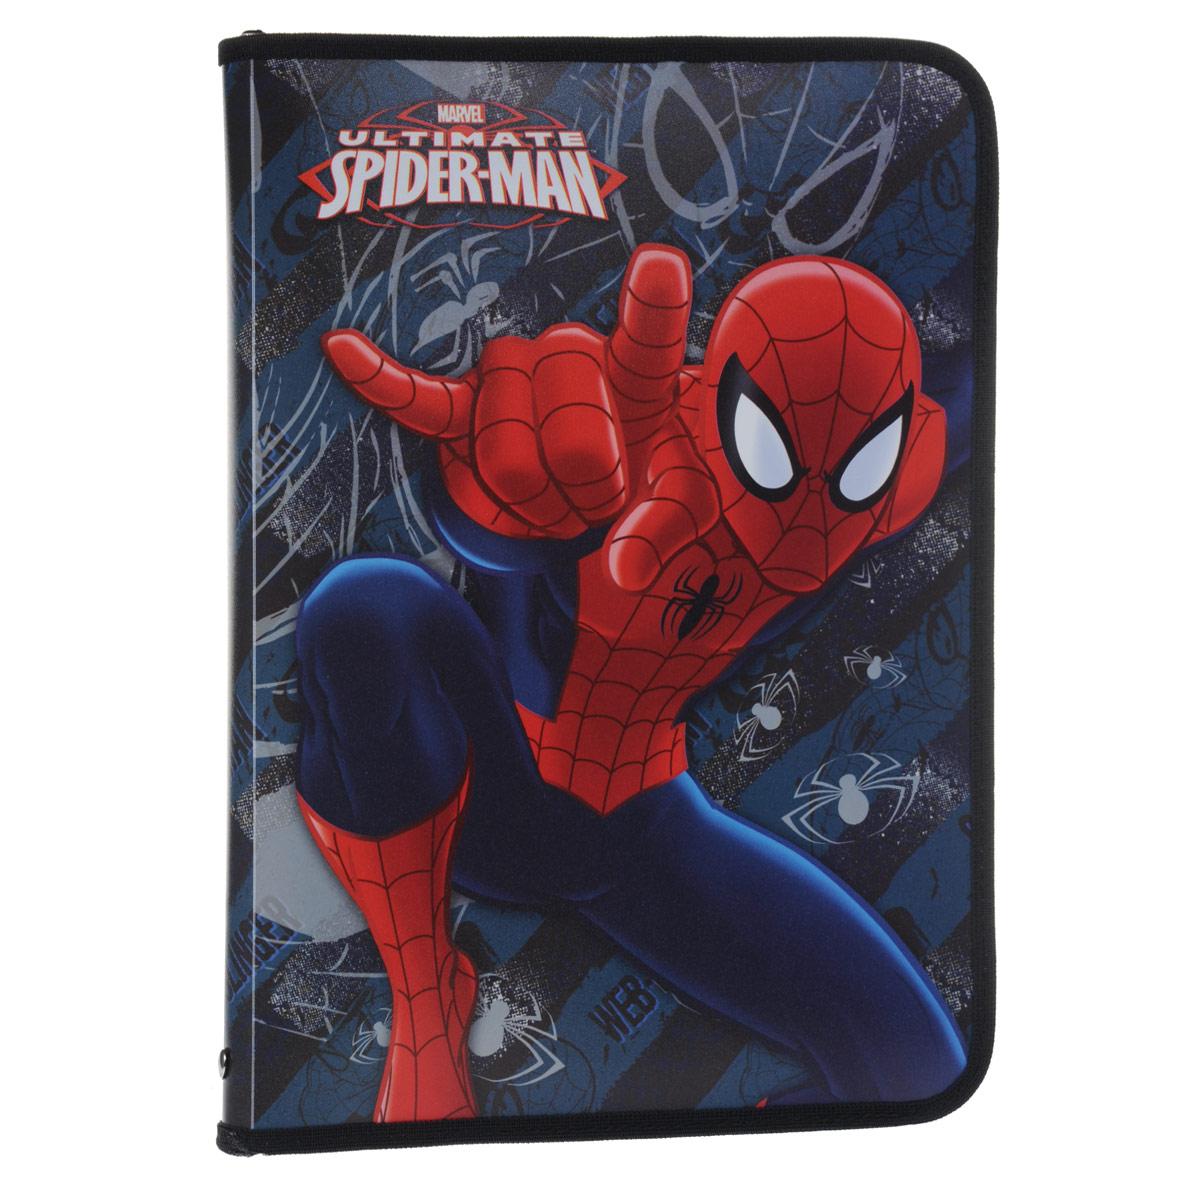 Папка для труда Spider-Man, цвет: темно-синий, красный. Формат А4SMBB-US2-PTRA4Папка для труда Spider-Man предназначена для хранения тетрадей, рисунков и прочих бумаг формата А4, а также ручек, карандашей, ластиков и точилок. Внутри находится одно большое отделение с вкладышем, содержащим 10 фиксаторов для школьных принадлежностей и фиксатор для тетрадей. Папка выполнена из прочного полипропилена и оформлена изображением Человека-Паука. Надежная застежка-молния вокруг папки обеспечивает максимальный комфорт в использовании изделия, позволяя быстро открыть и закрыть папку.